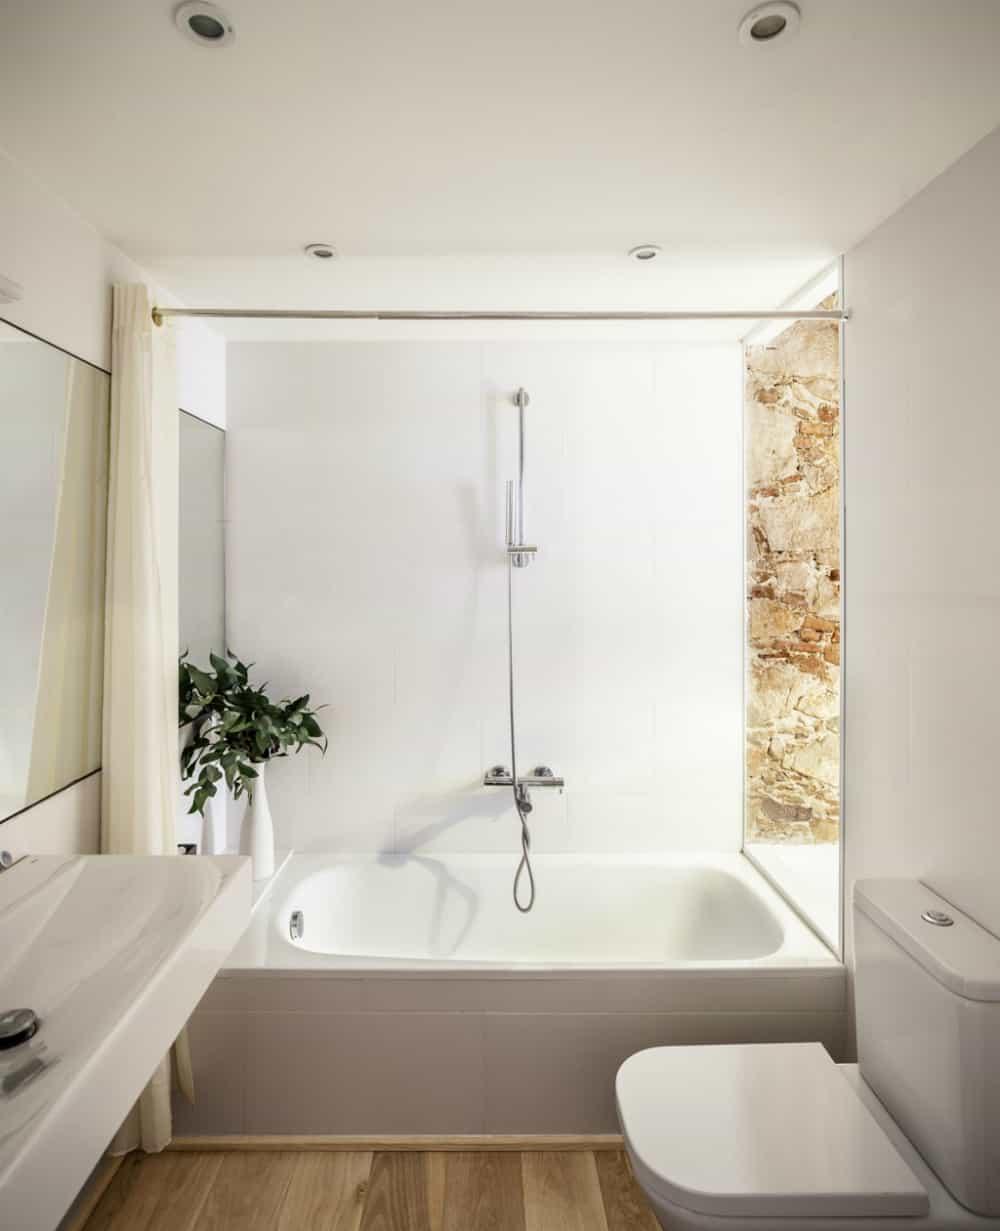 Les Corts apartment bathroom